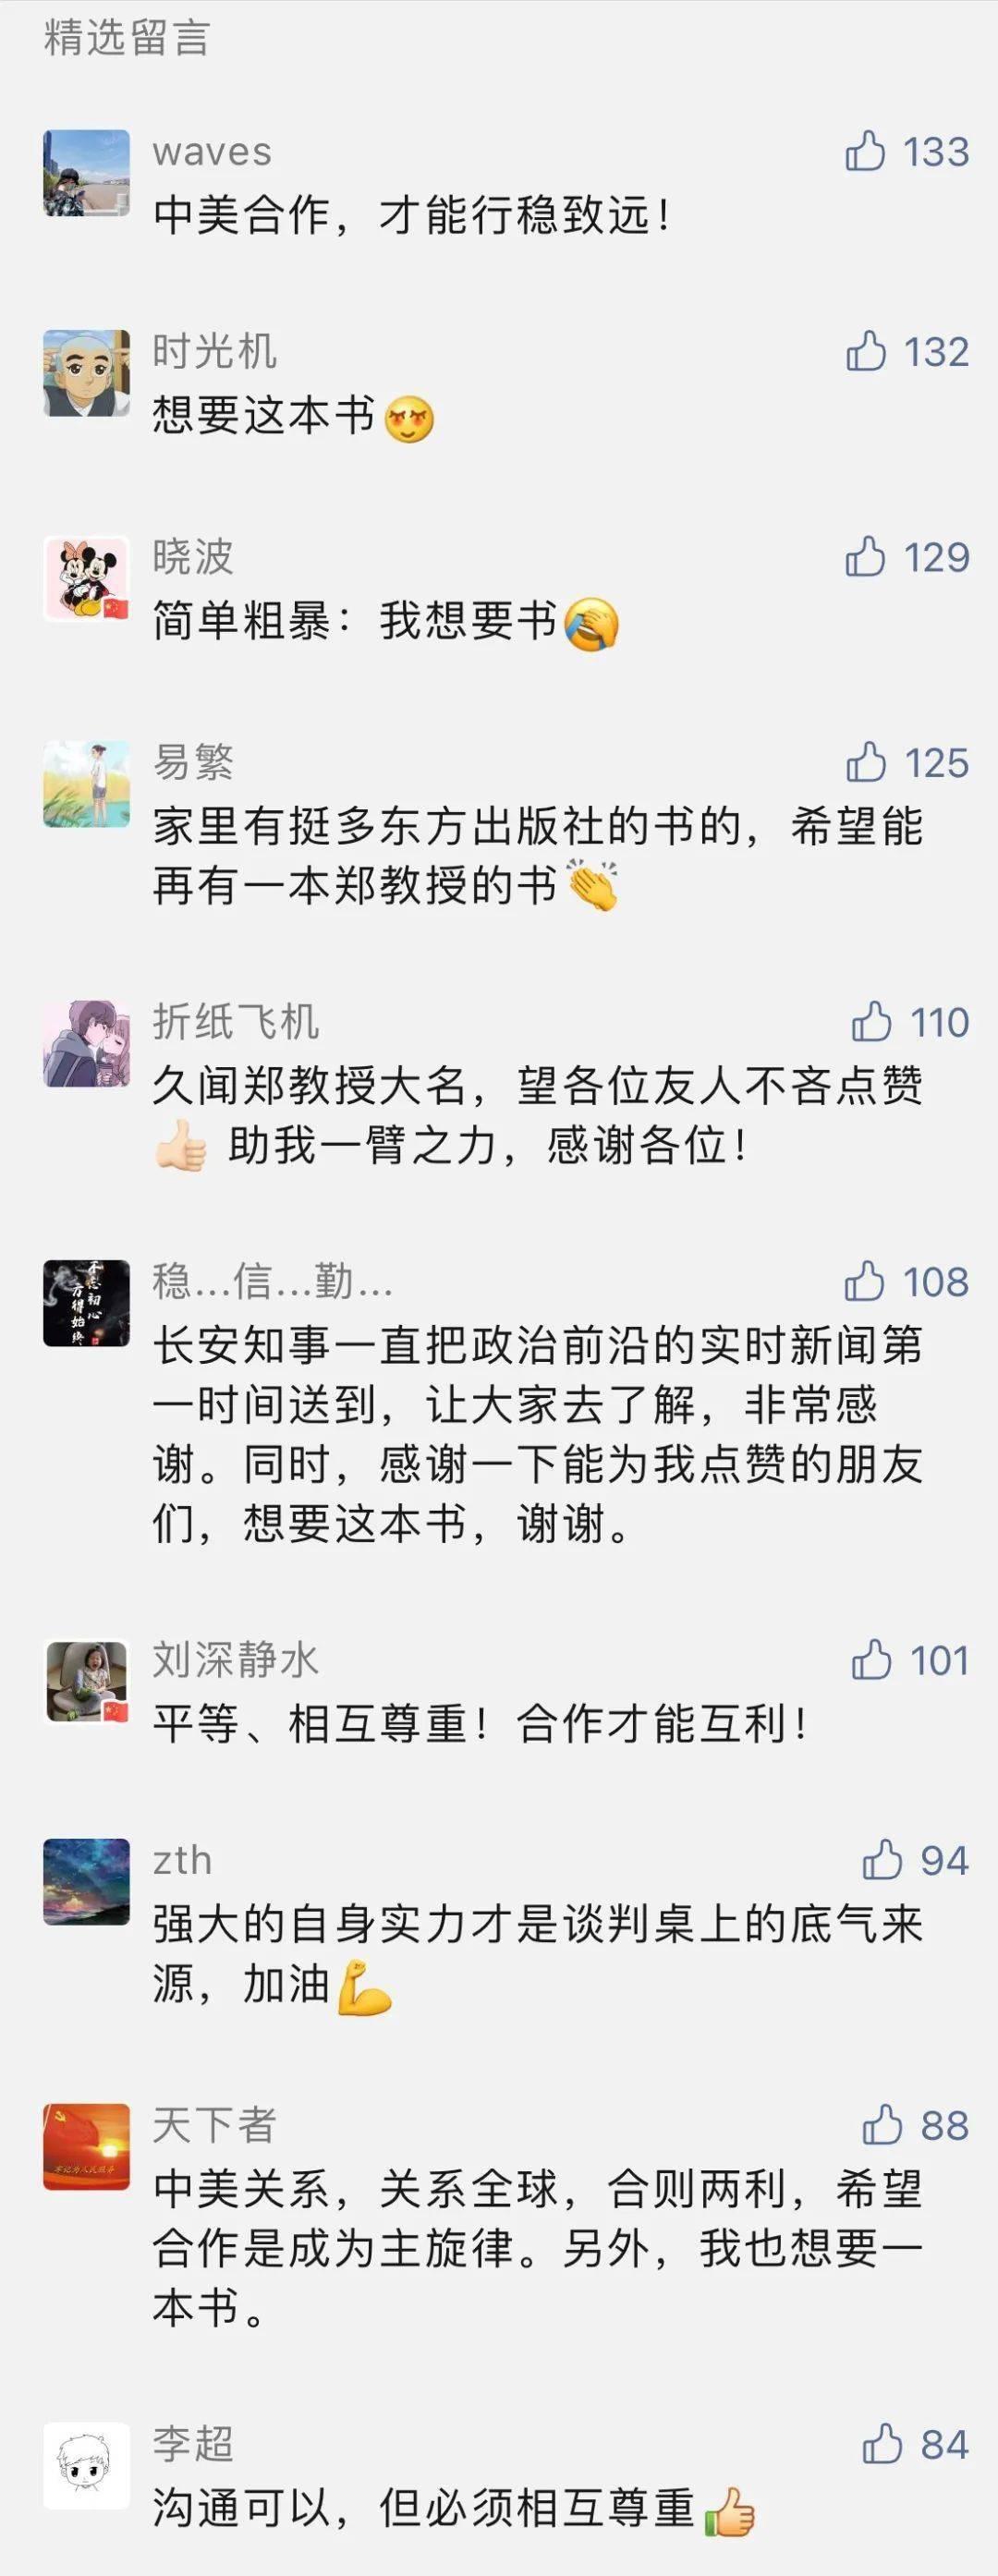 中青�W�u:信仰之光照耀百年,接�m�^斗青春可�b